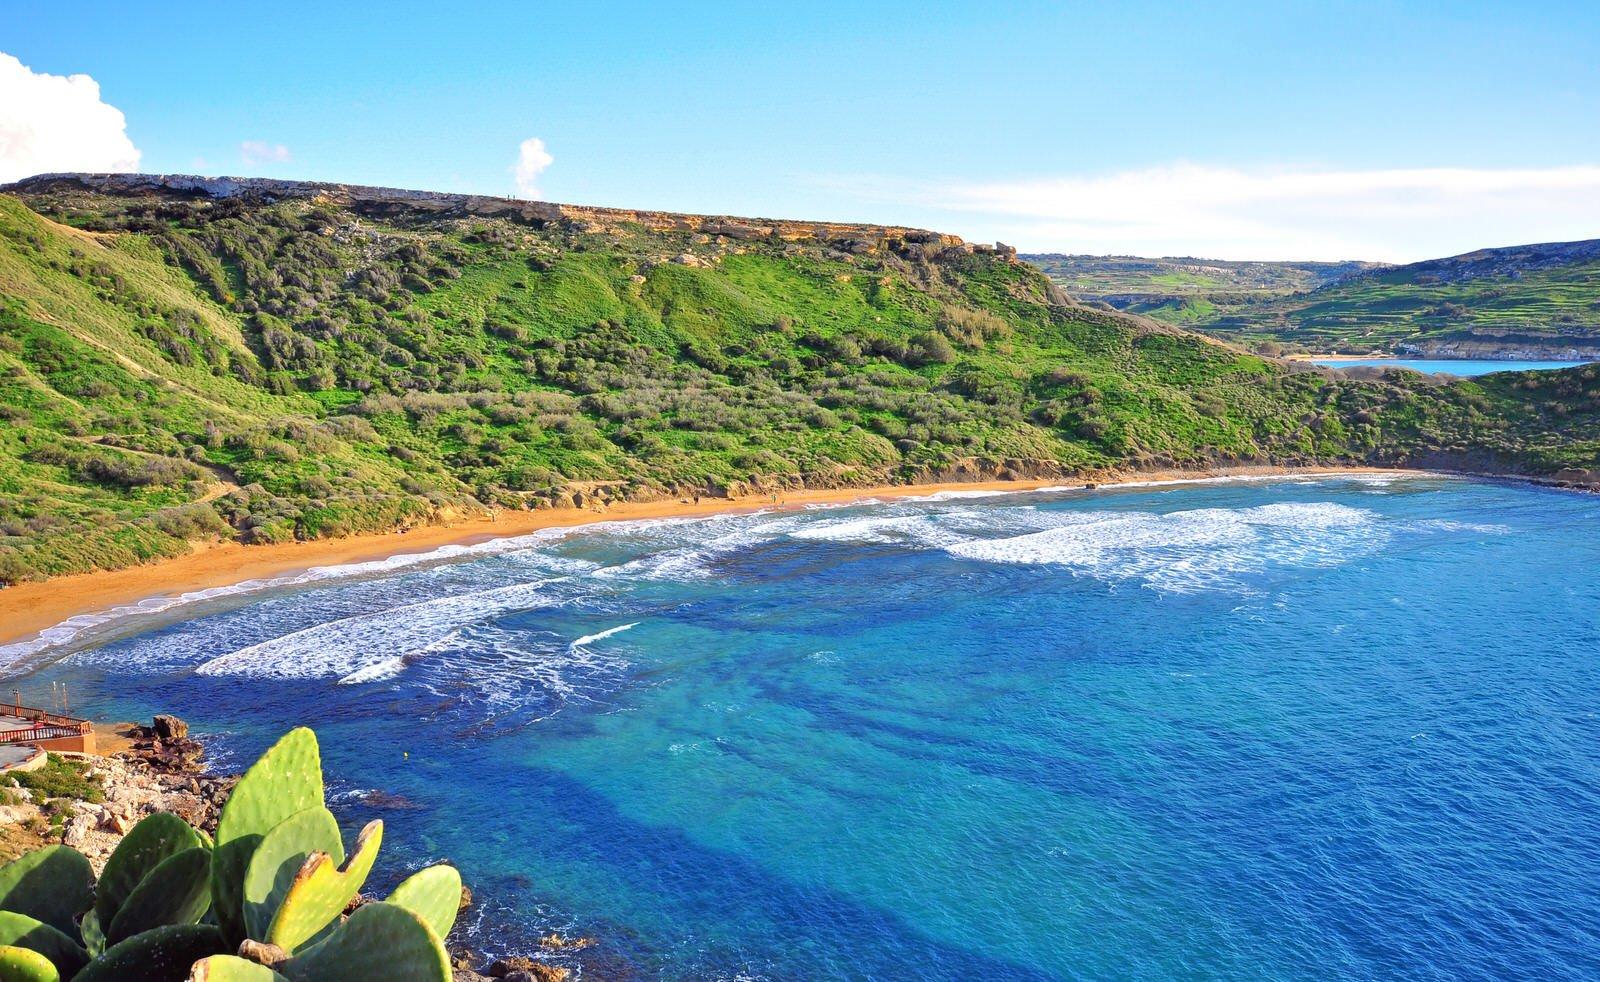 Malta Beaches Marina Hotel Corinthia Beach Resort